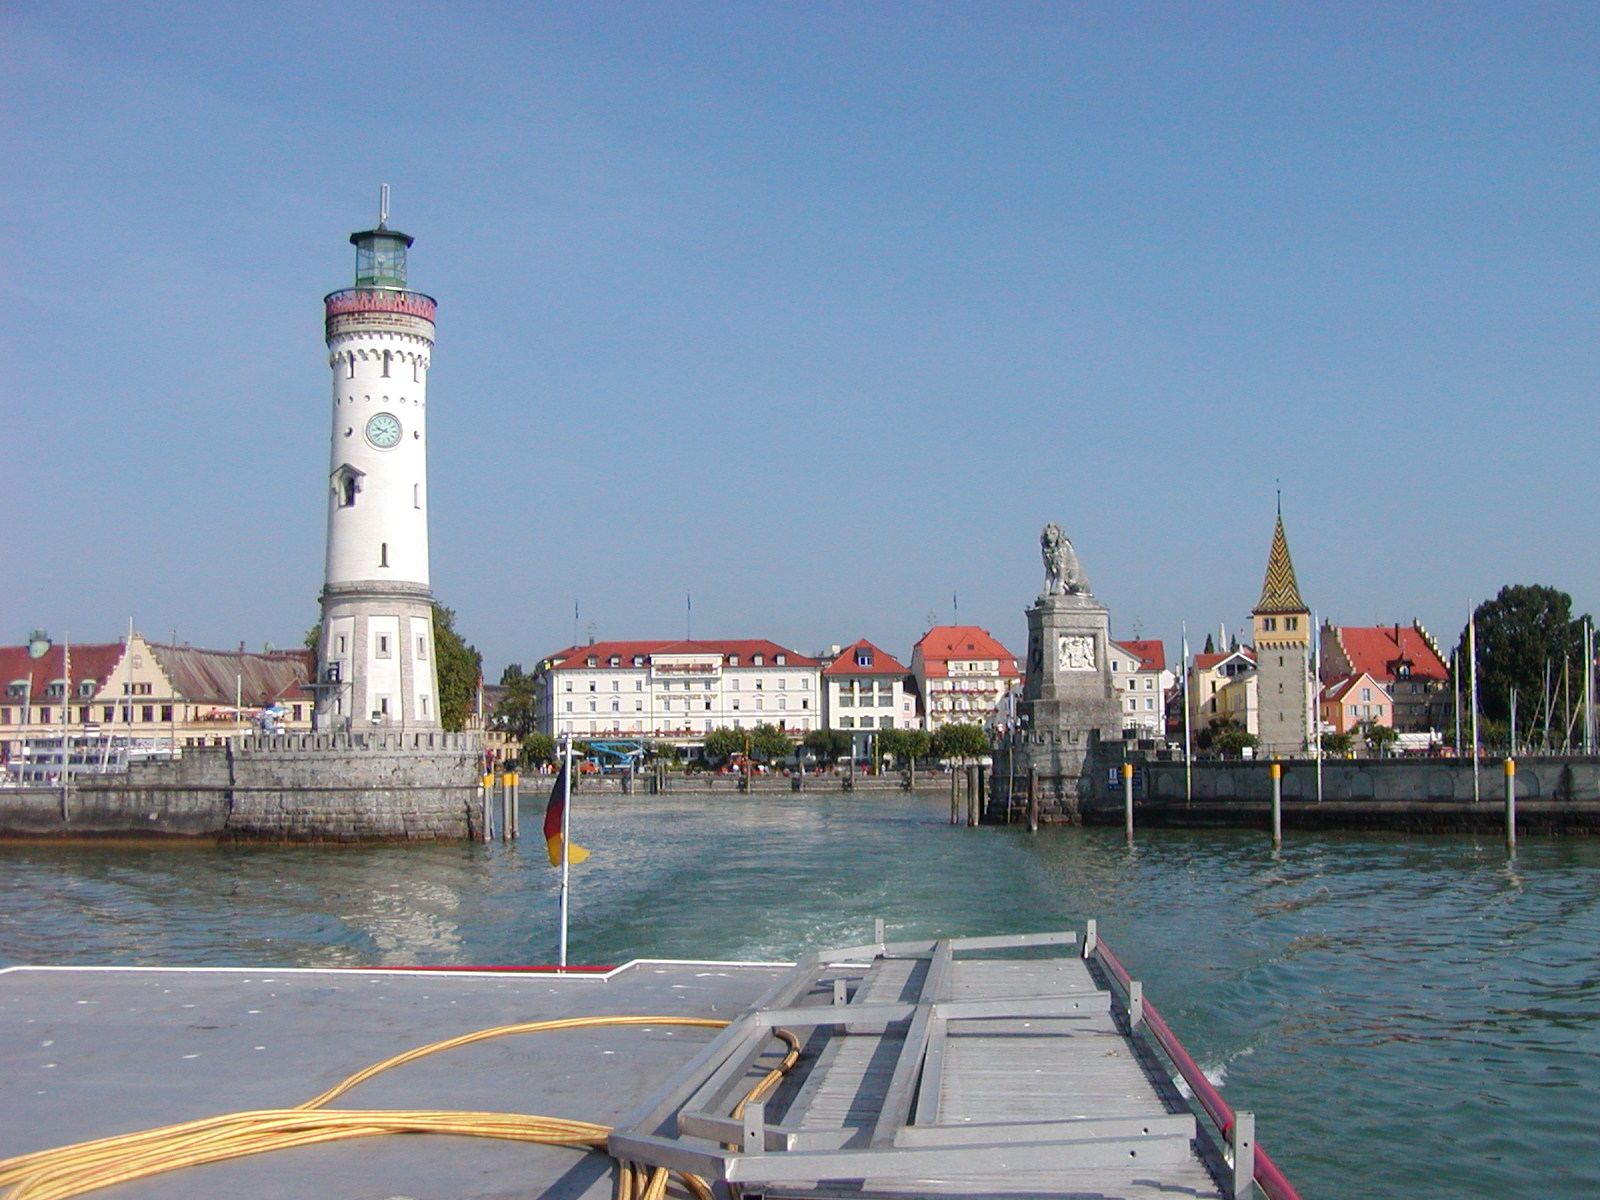 Bodensee Konigssee Radweg Reisefuhrer Auf Wikivoyage